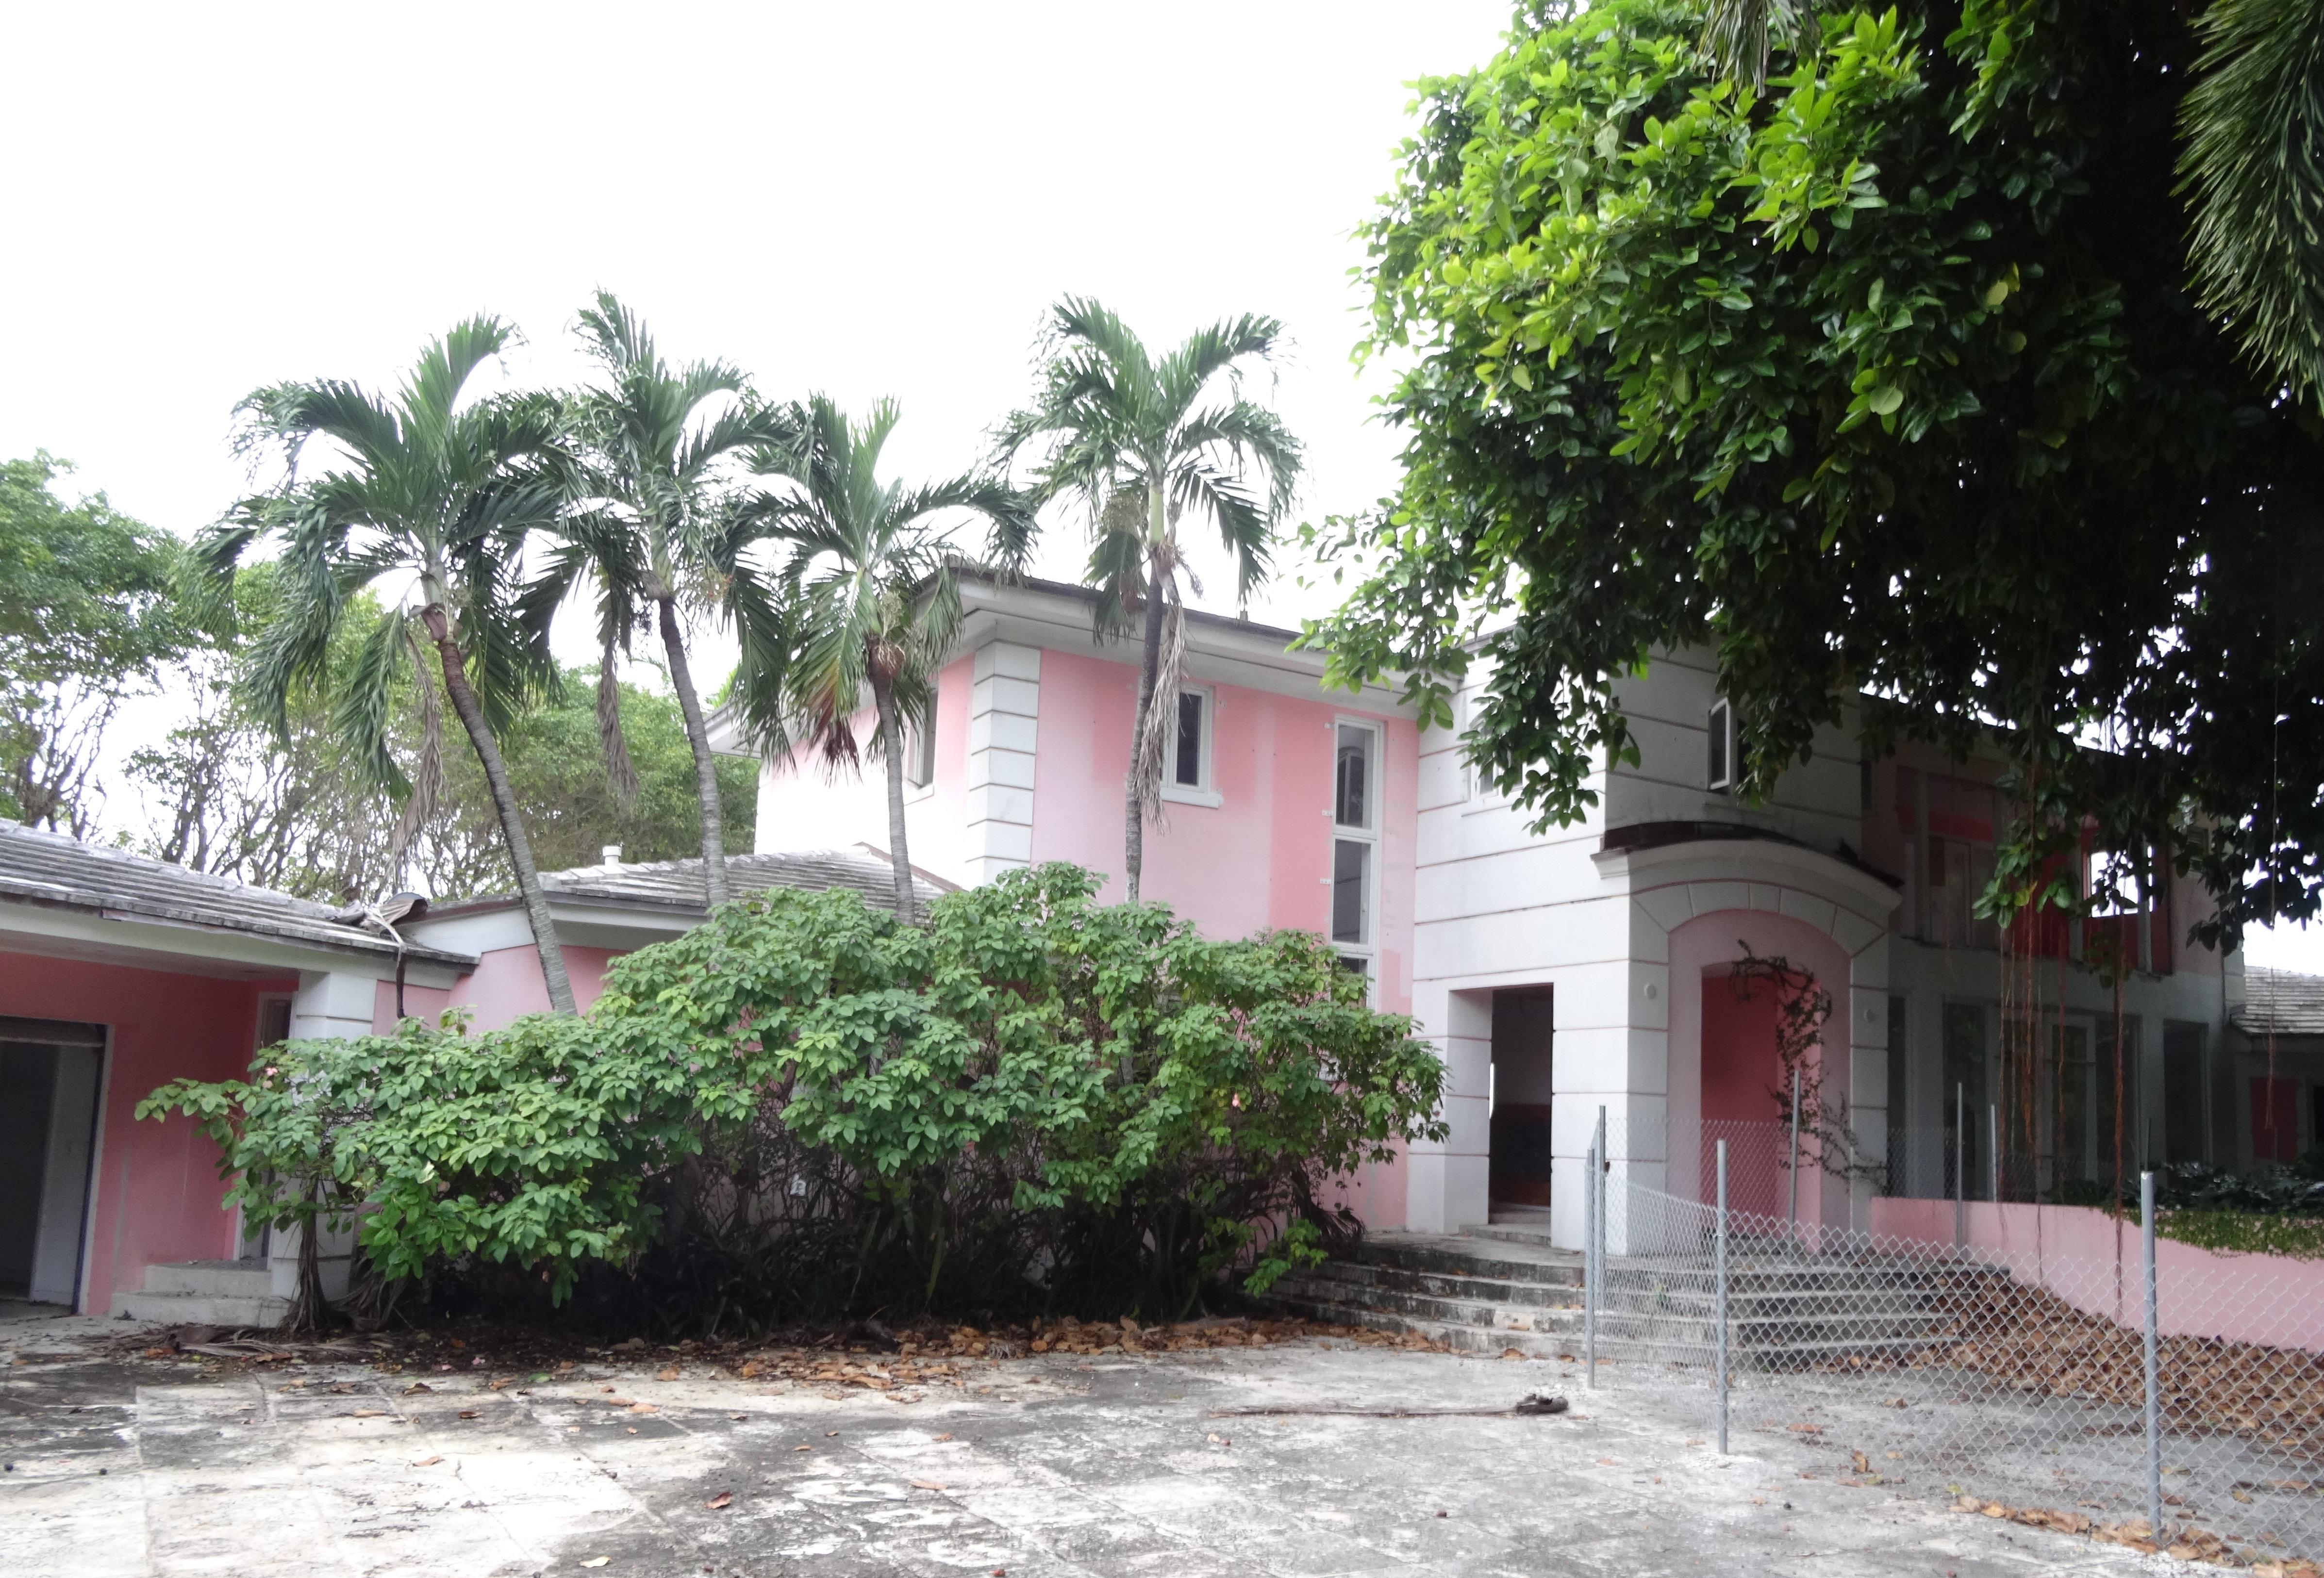 Růžový dům Escobara